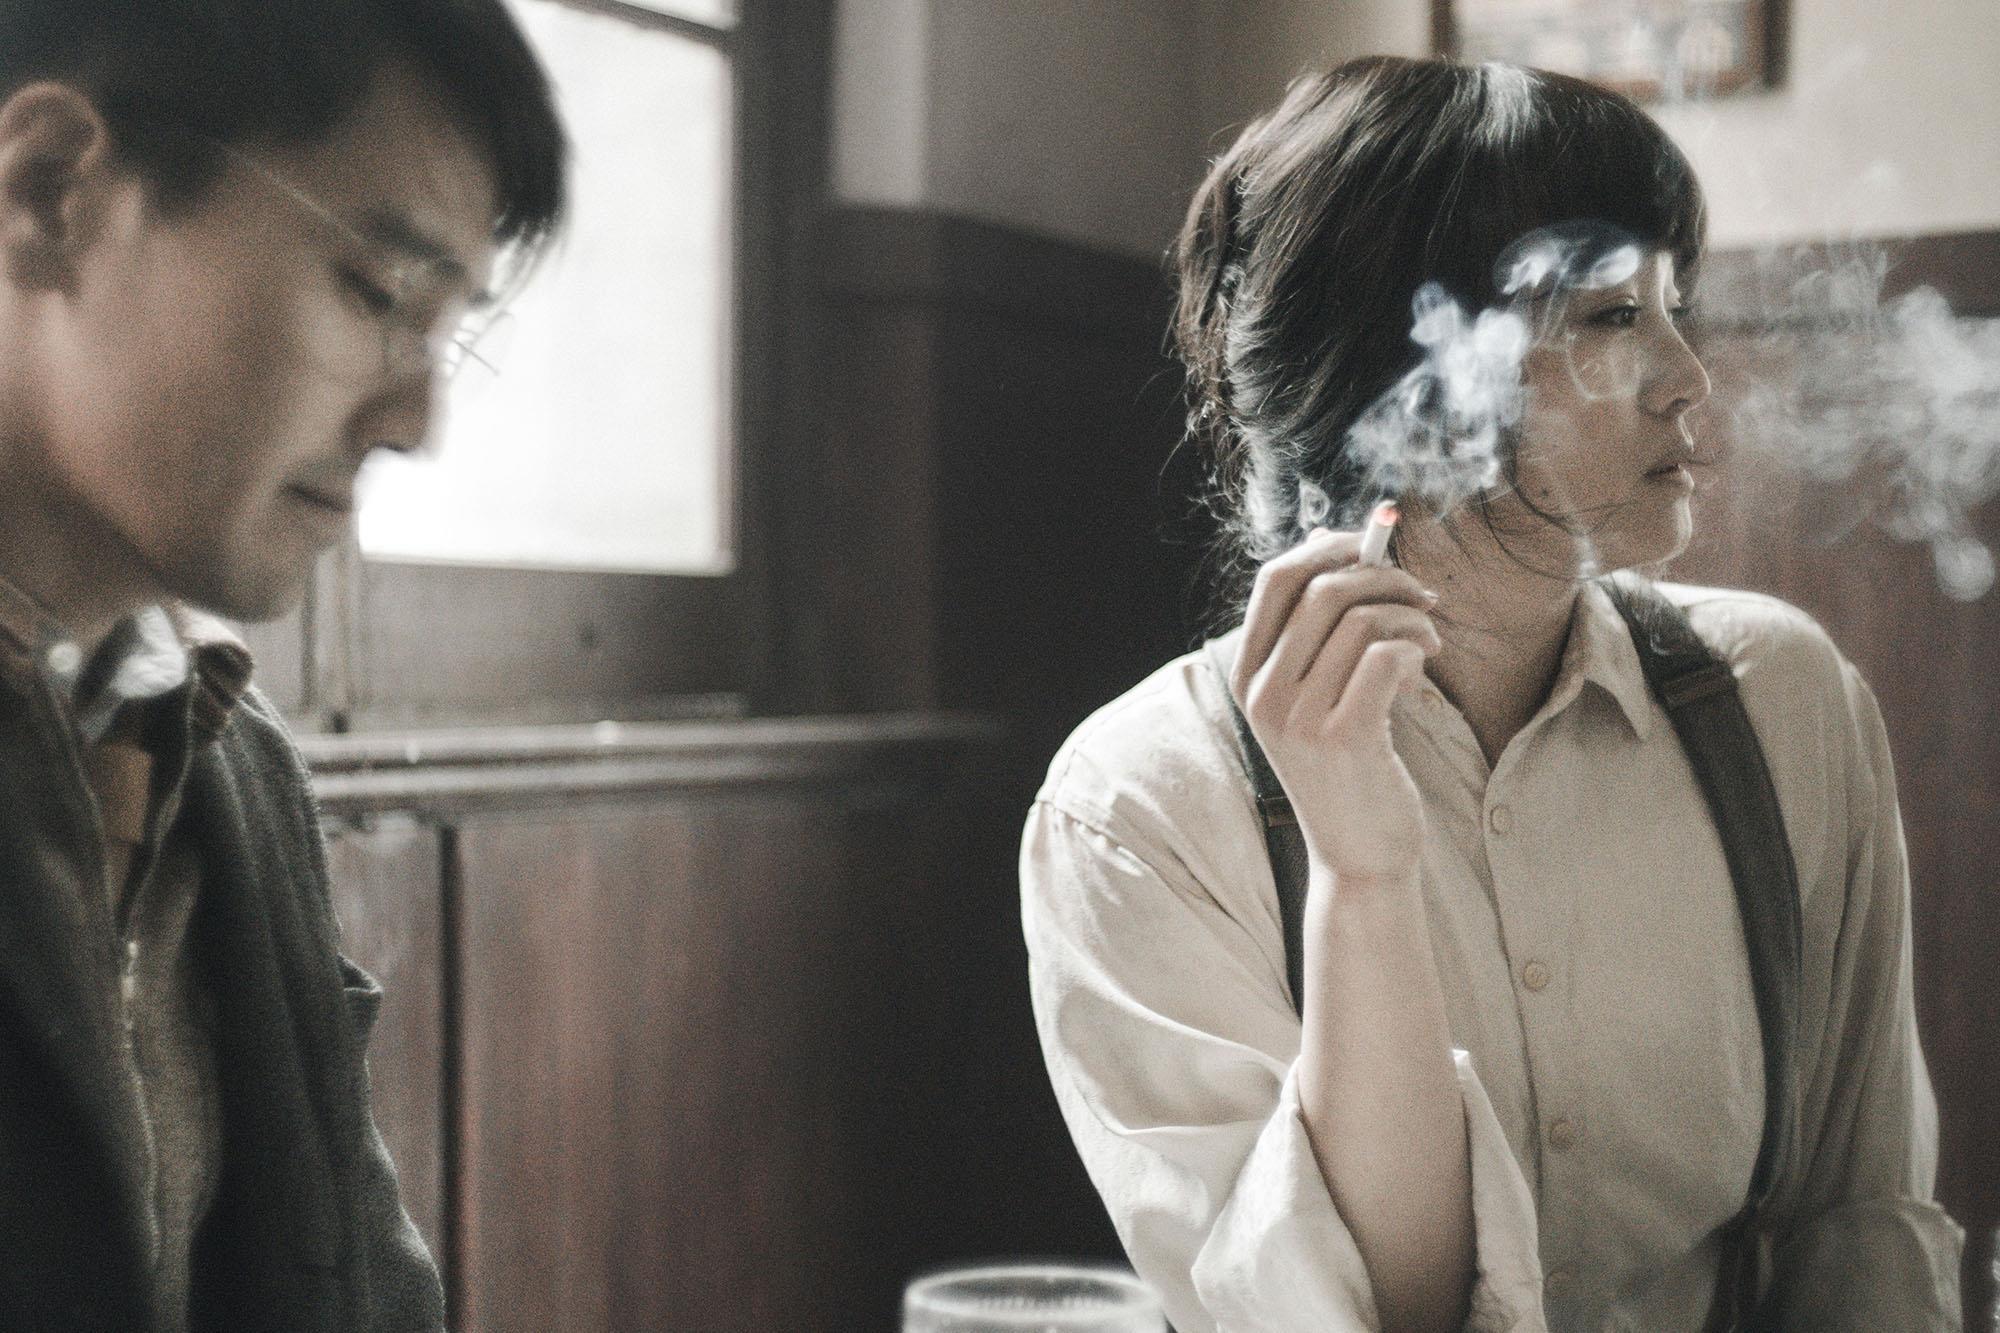 划重点啦!2019年有哪些华语片值得期待?